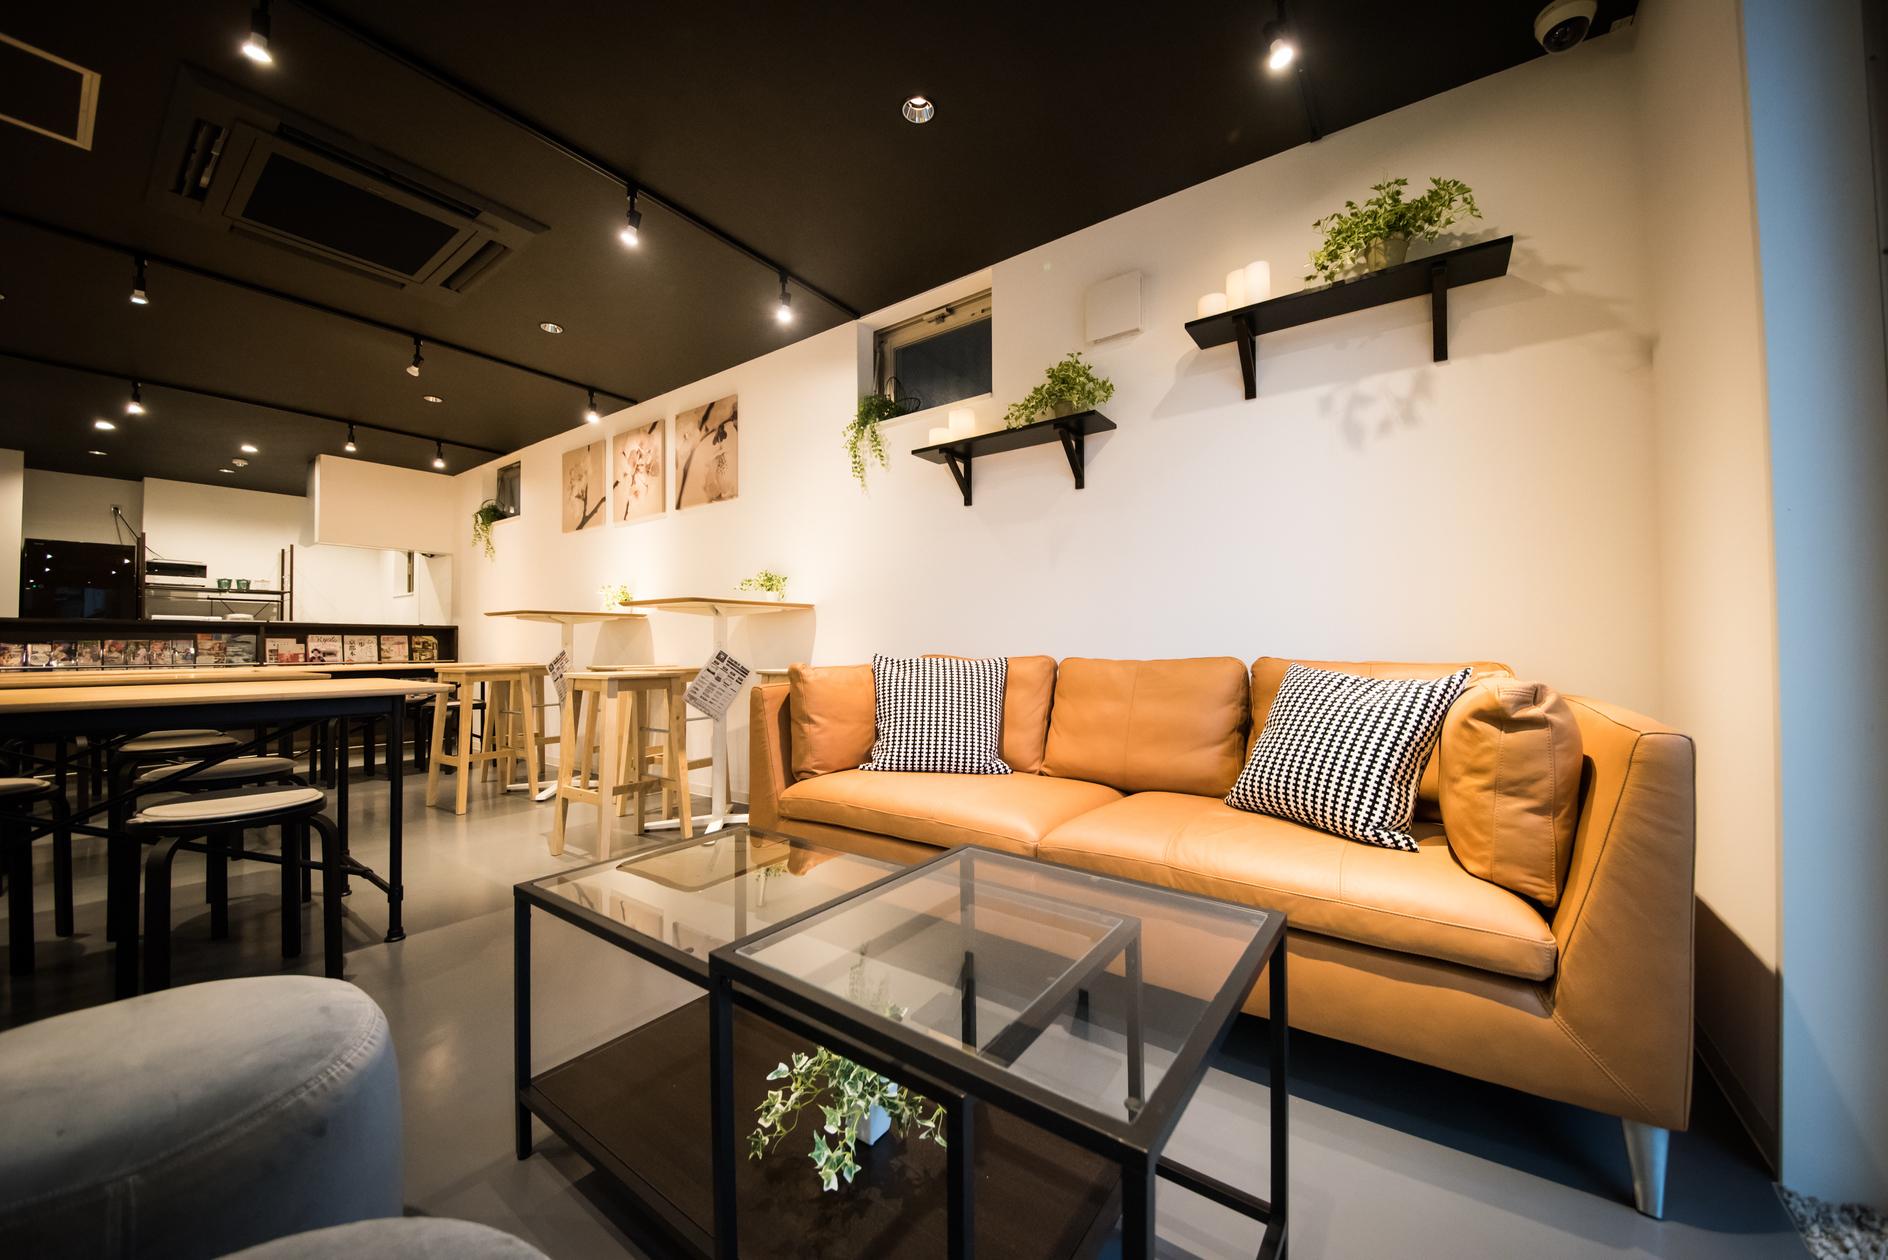 1時間から使えるおしゃれな空間(Hostel Kyoto KIZUNA) の写真0